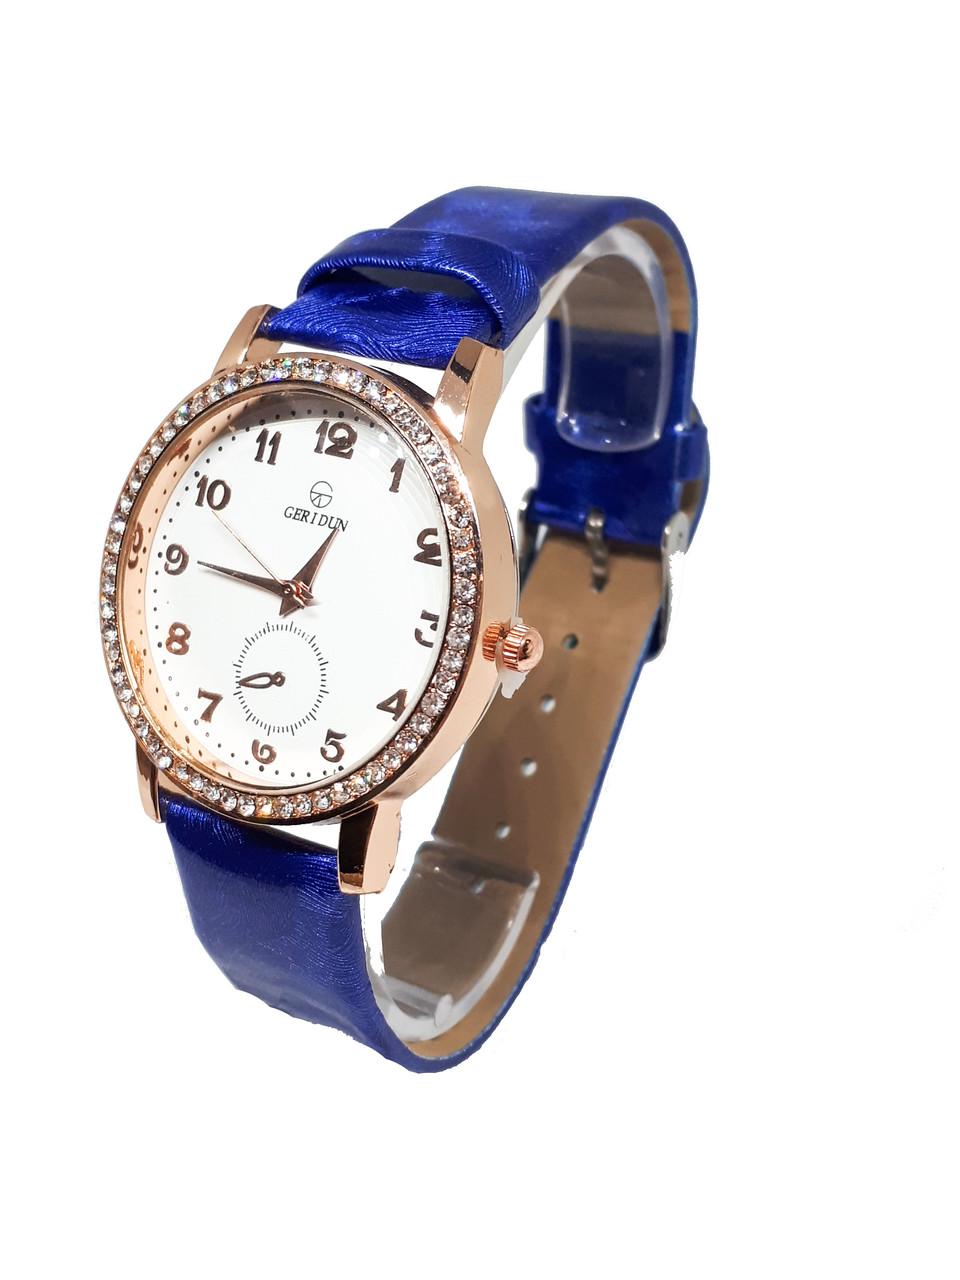 Часы женские кварцевые Ger I Dun Кружок Синий